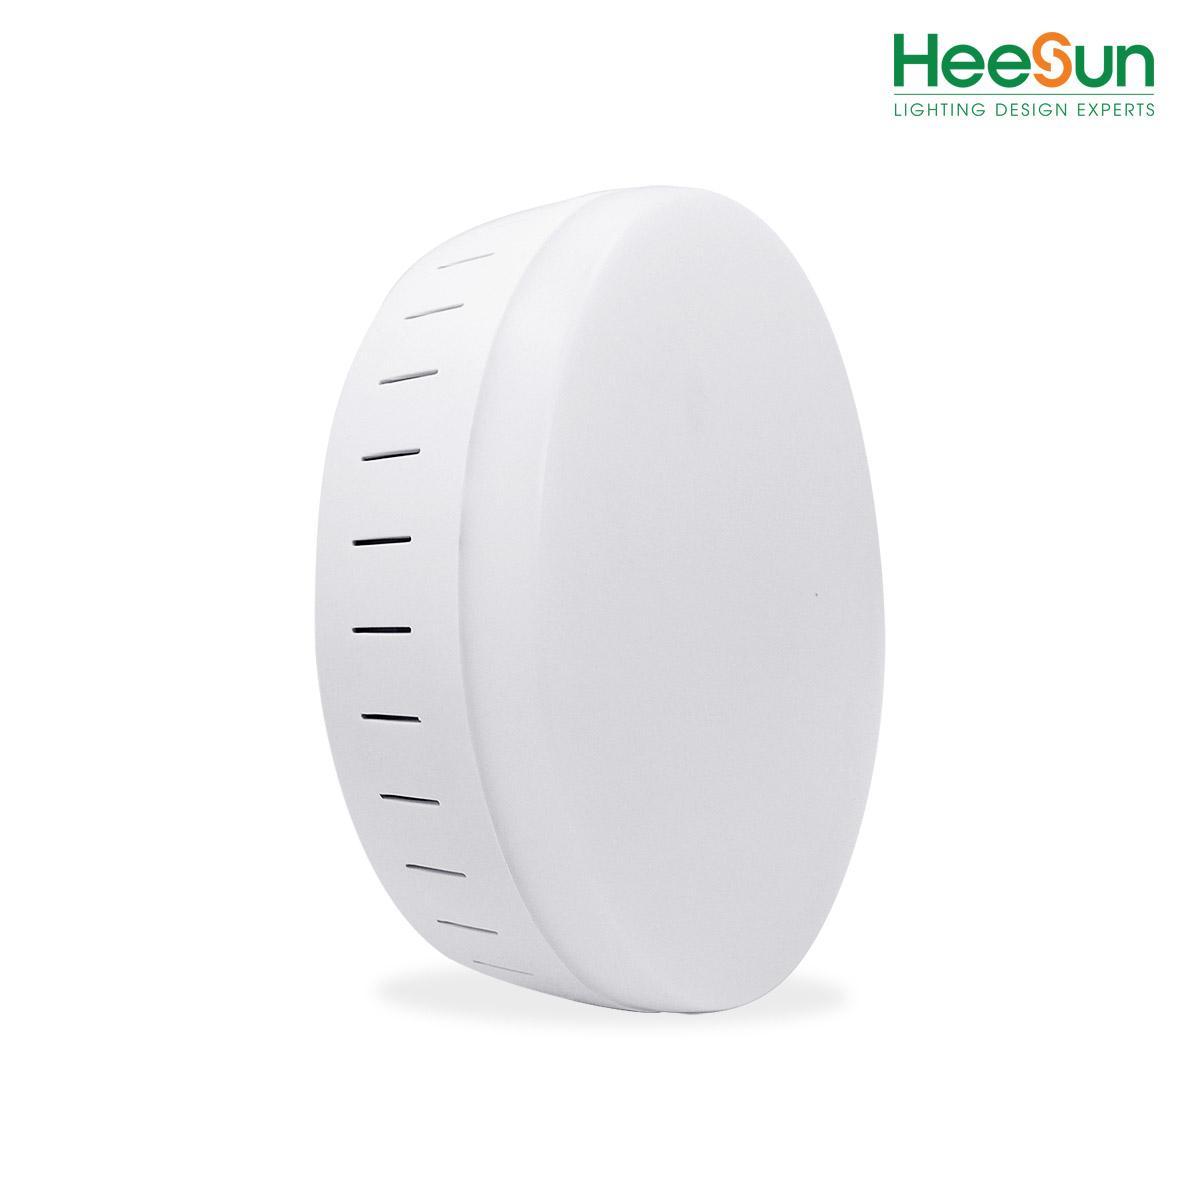 Mắt đèn Led Luxury loại 6 HS-BB012 - HEESUN VIỆT NAM